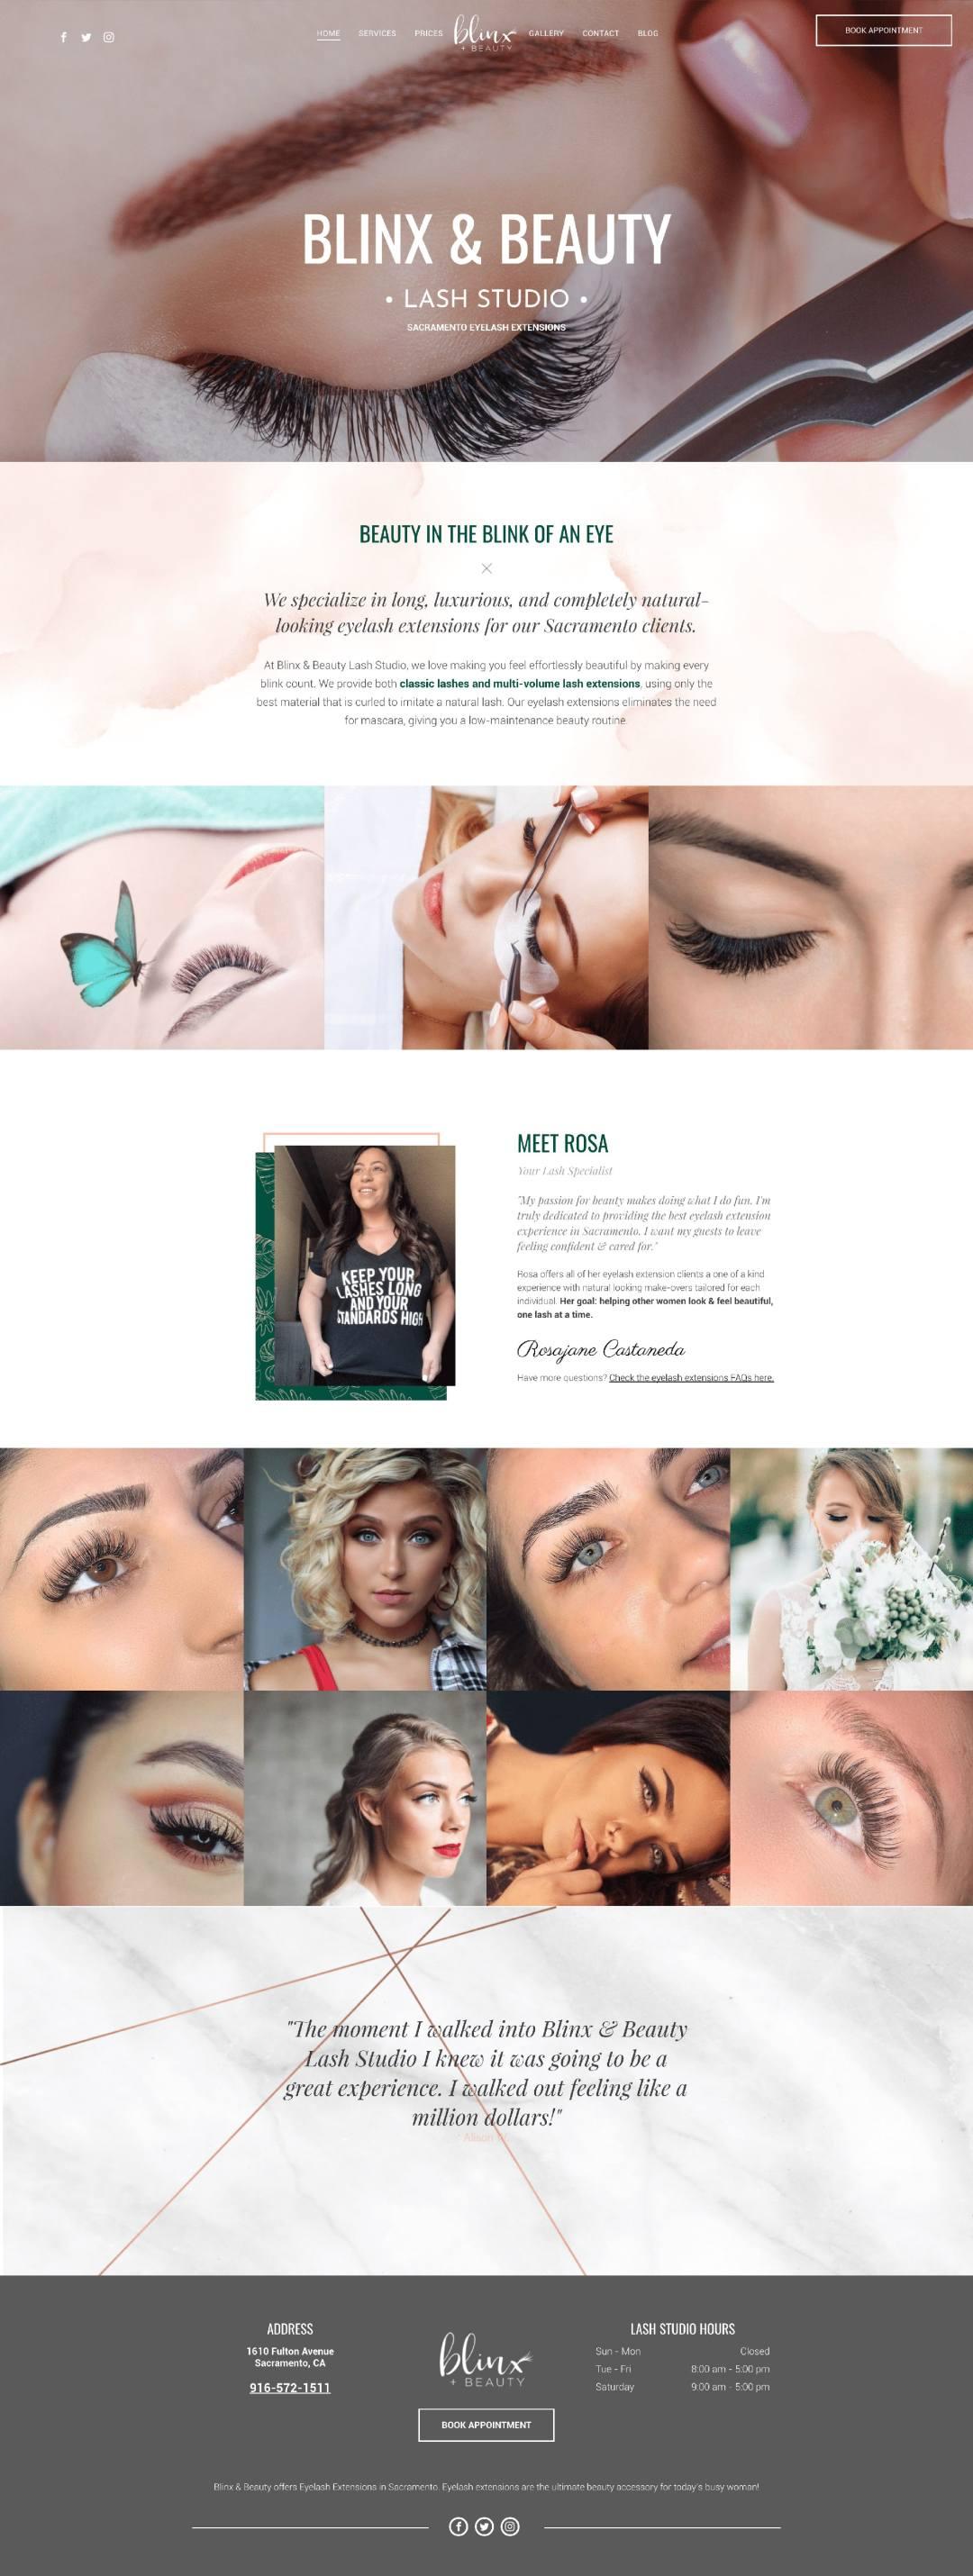 blinxandbeauty eyelash extensions website design min - Eyelash Extensions Branding & Website